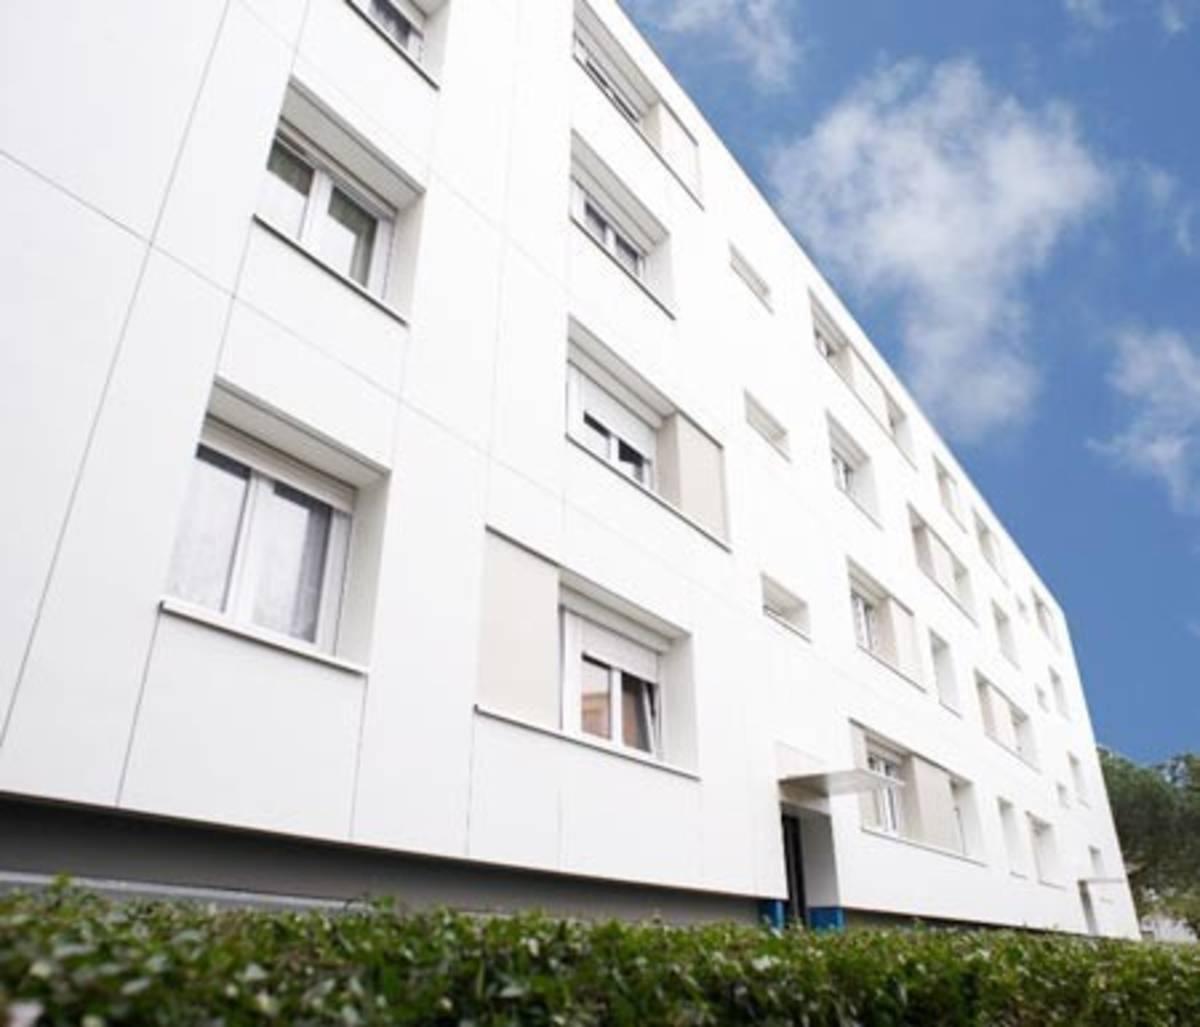 Panneau de façade en fibre ciment hardiepanel (3050x1220x8) Smooth